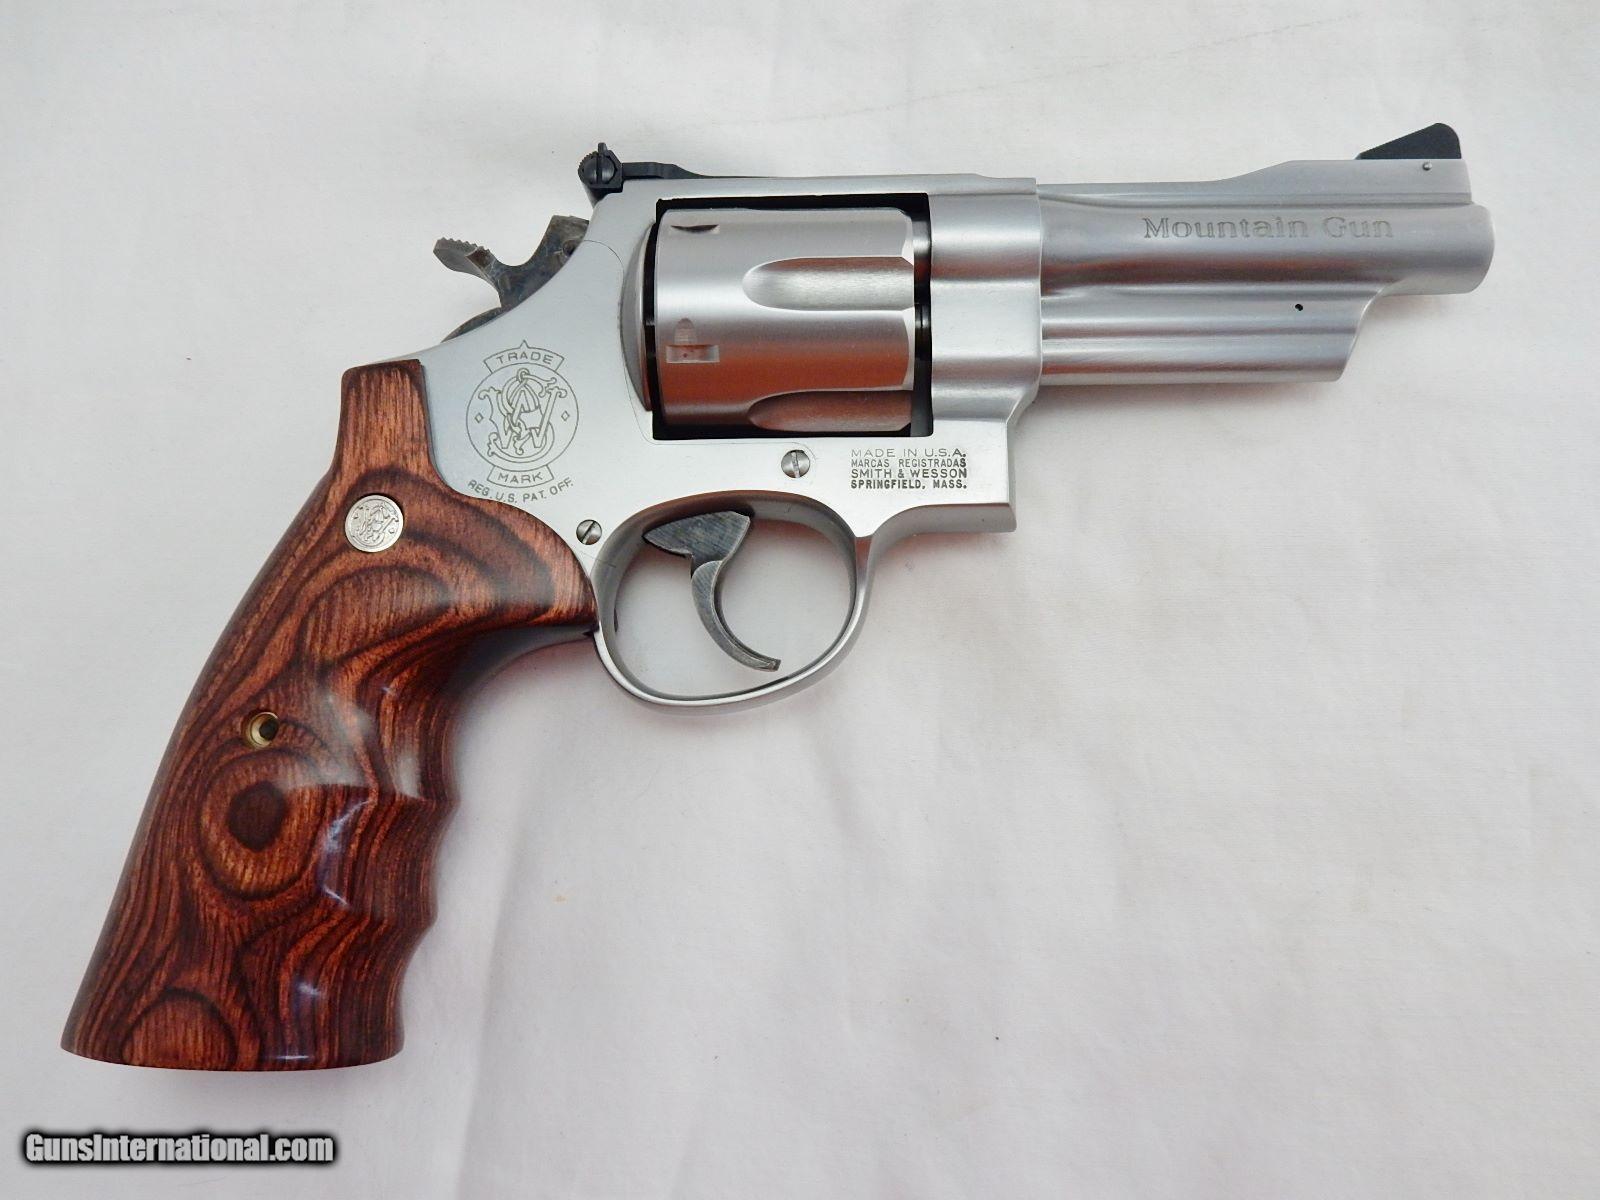 1996 Smith Wesson 625 Mountain Gun 45 Long Colt